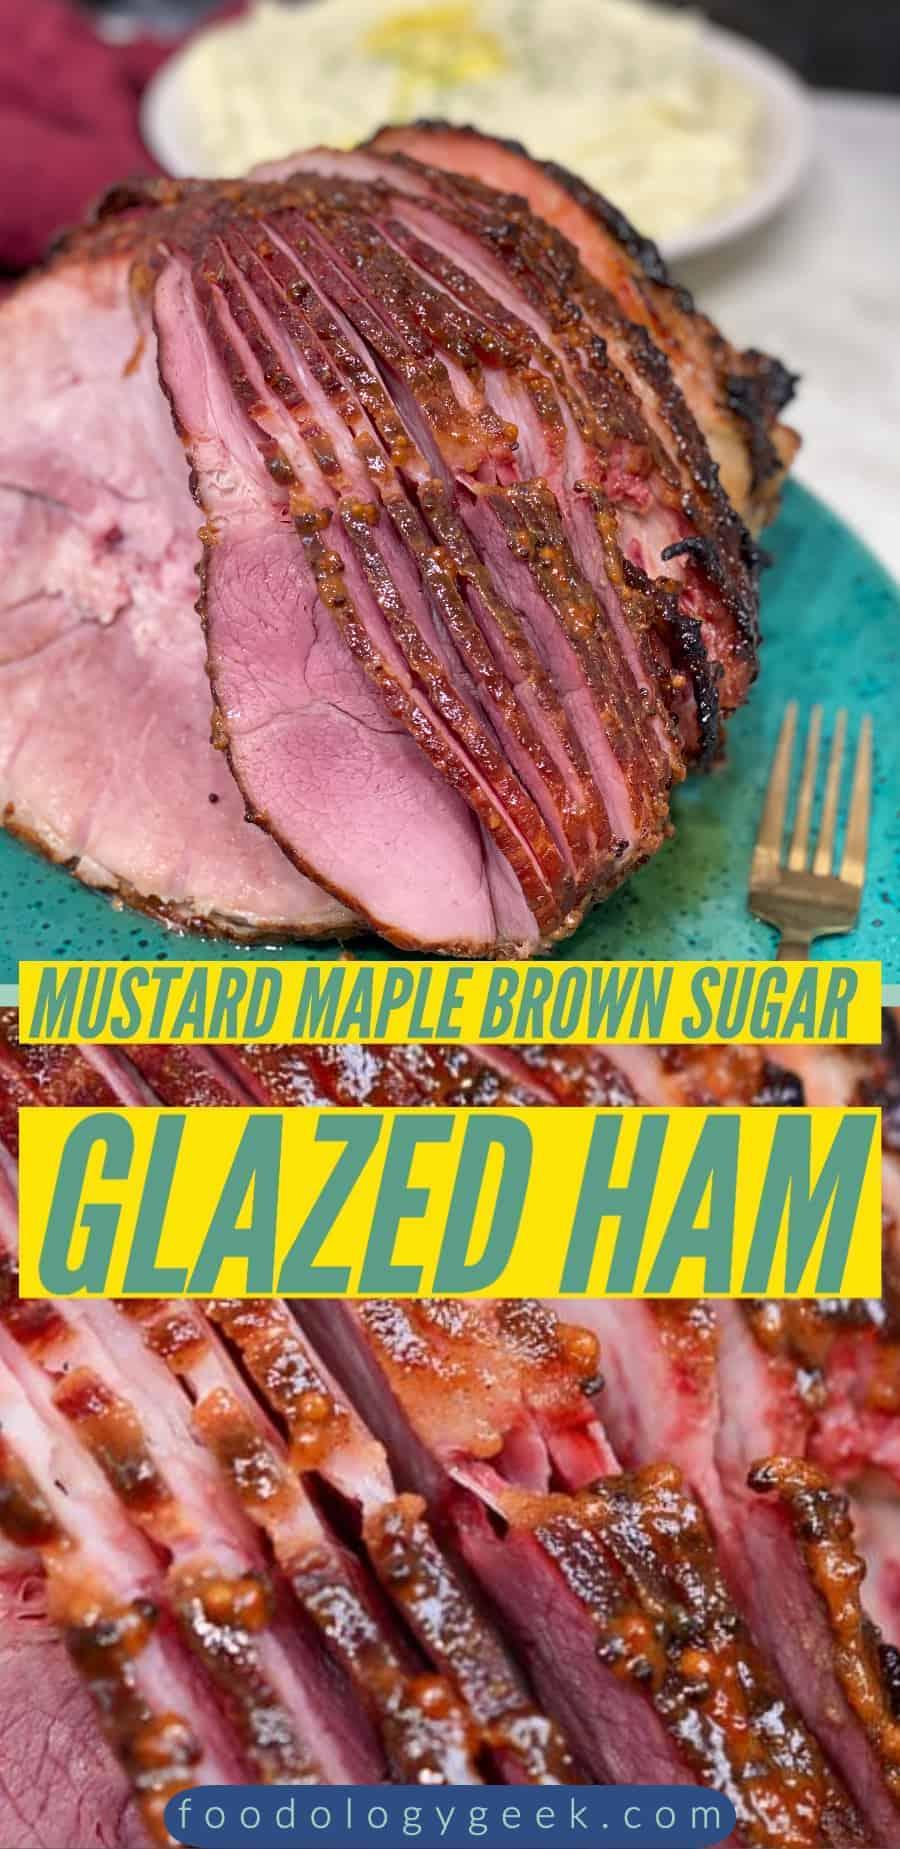 mustard maple brown sugar glazed ham pinterest image